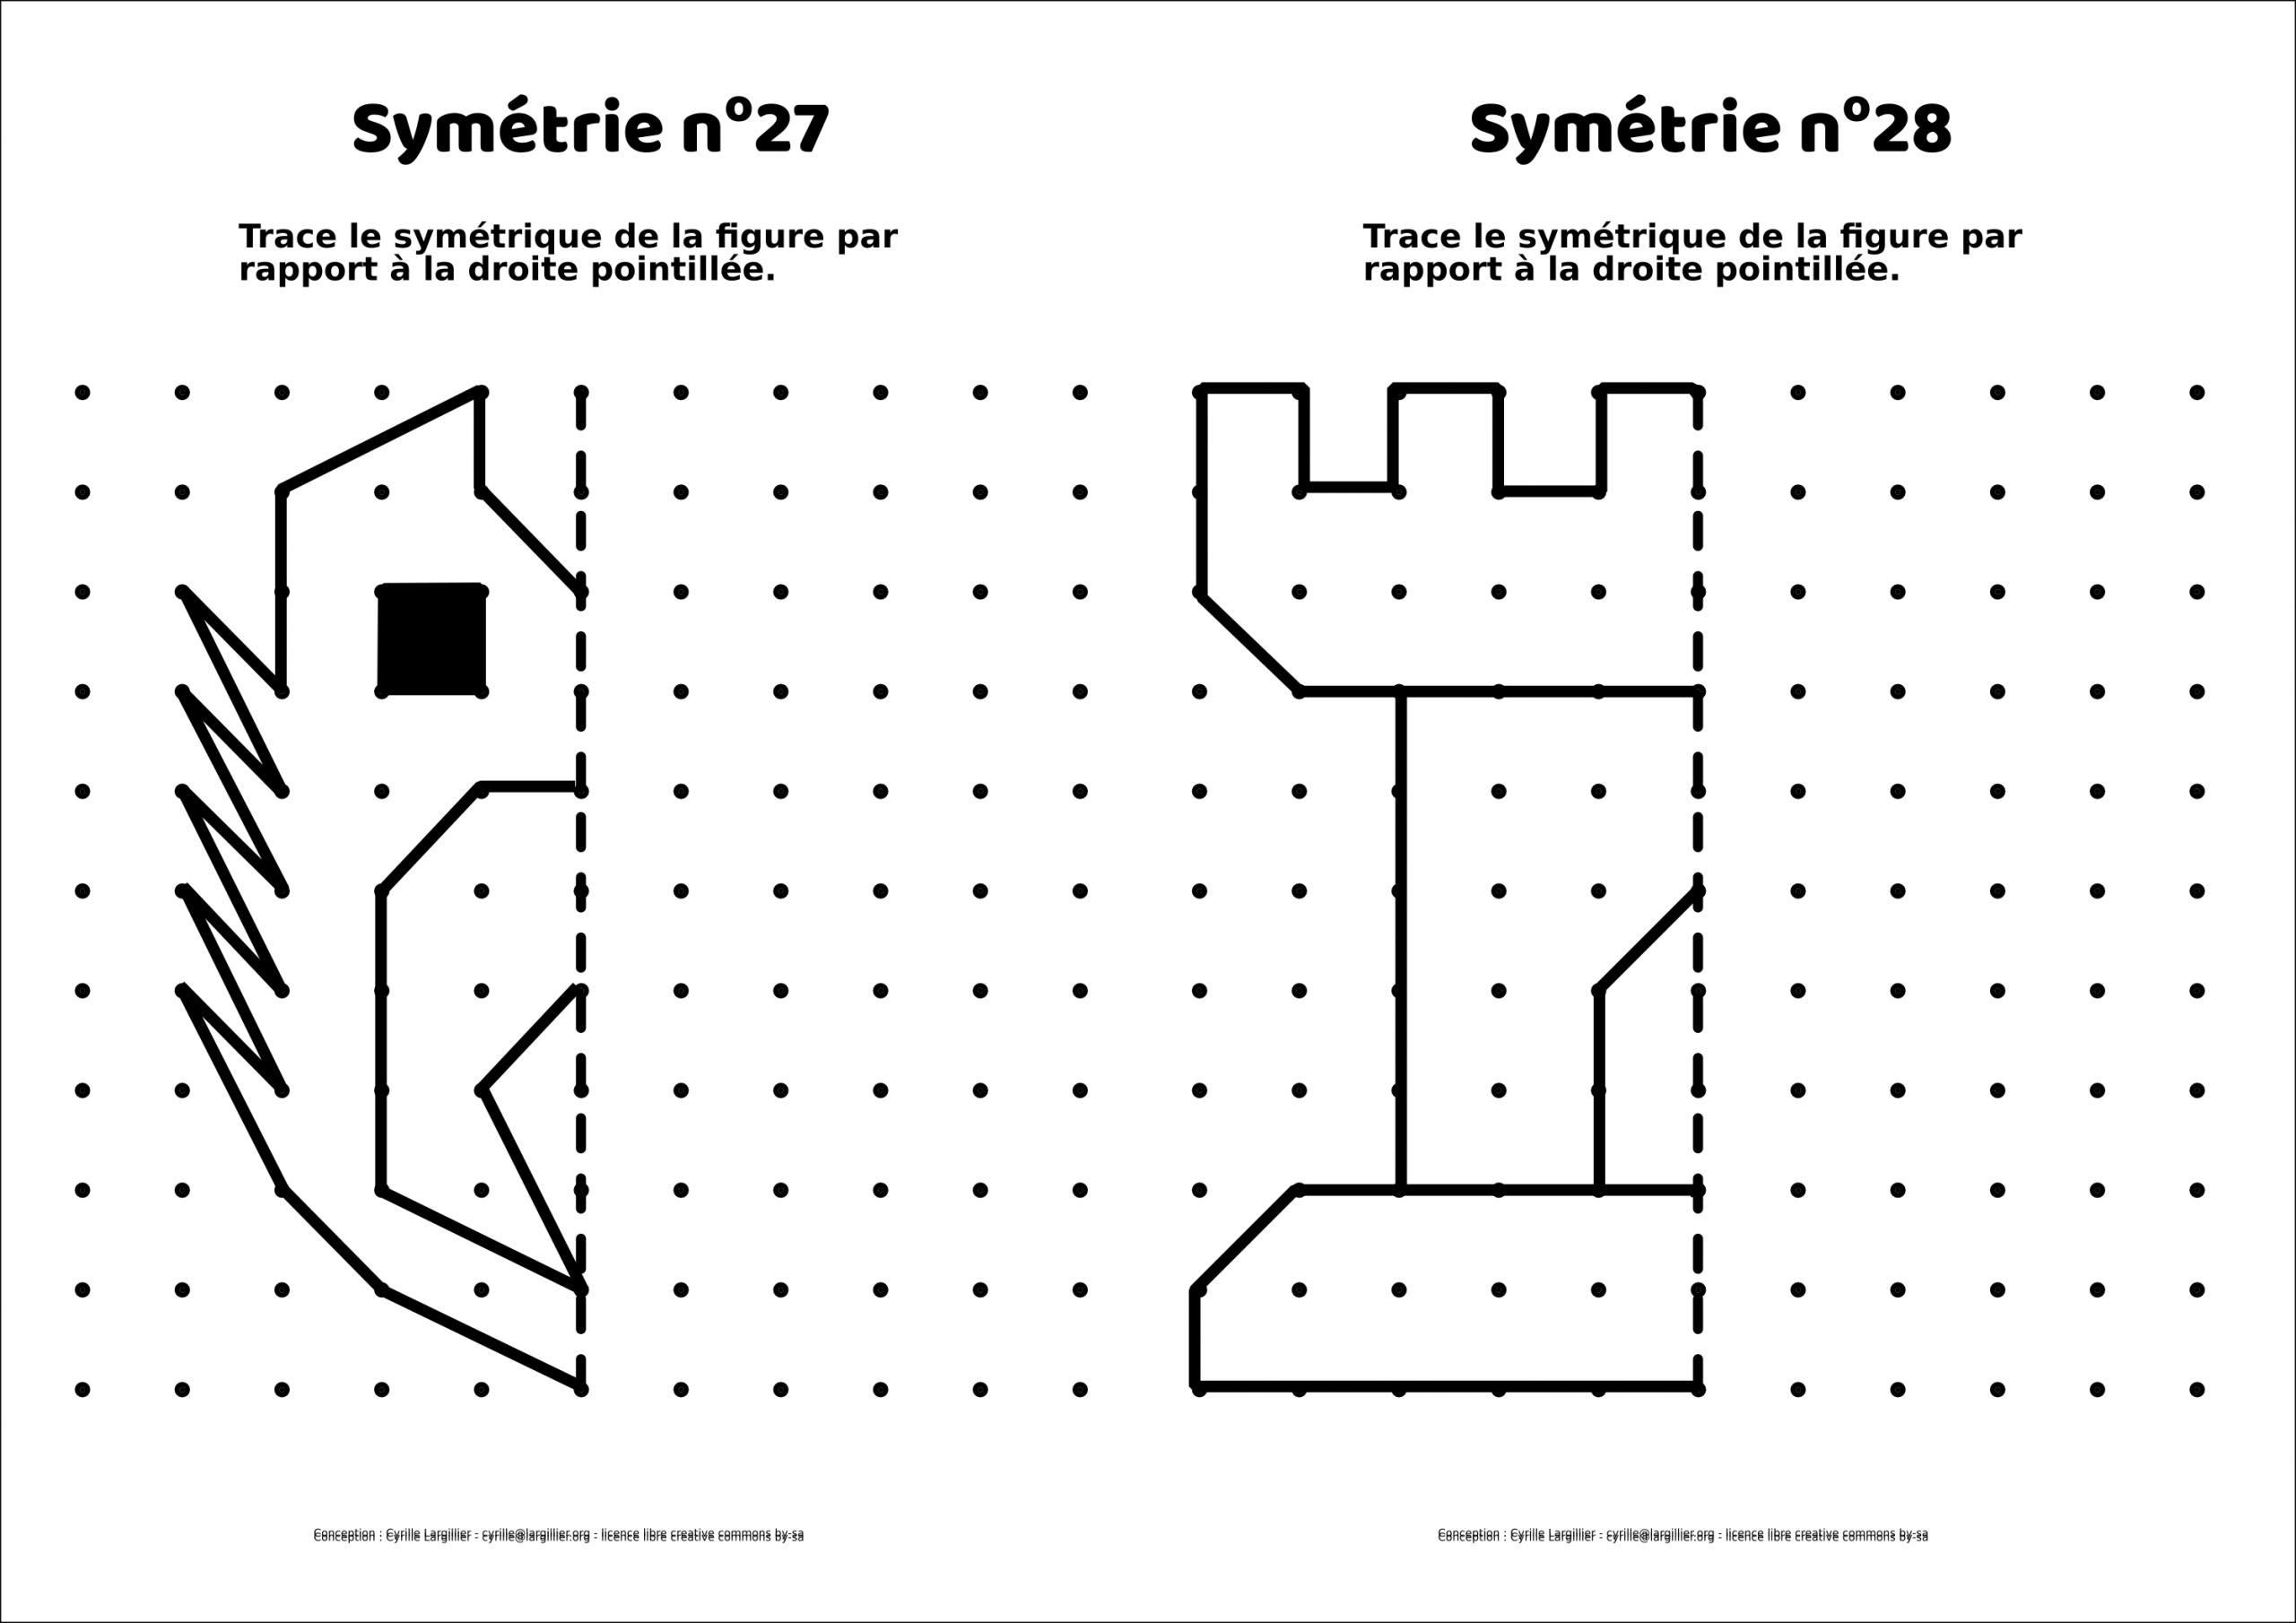 Symétrie Ce : 20 Mini-Fiches – Le Retour – Cyrille Largillier dedans Symétrie Ce1 Ce2